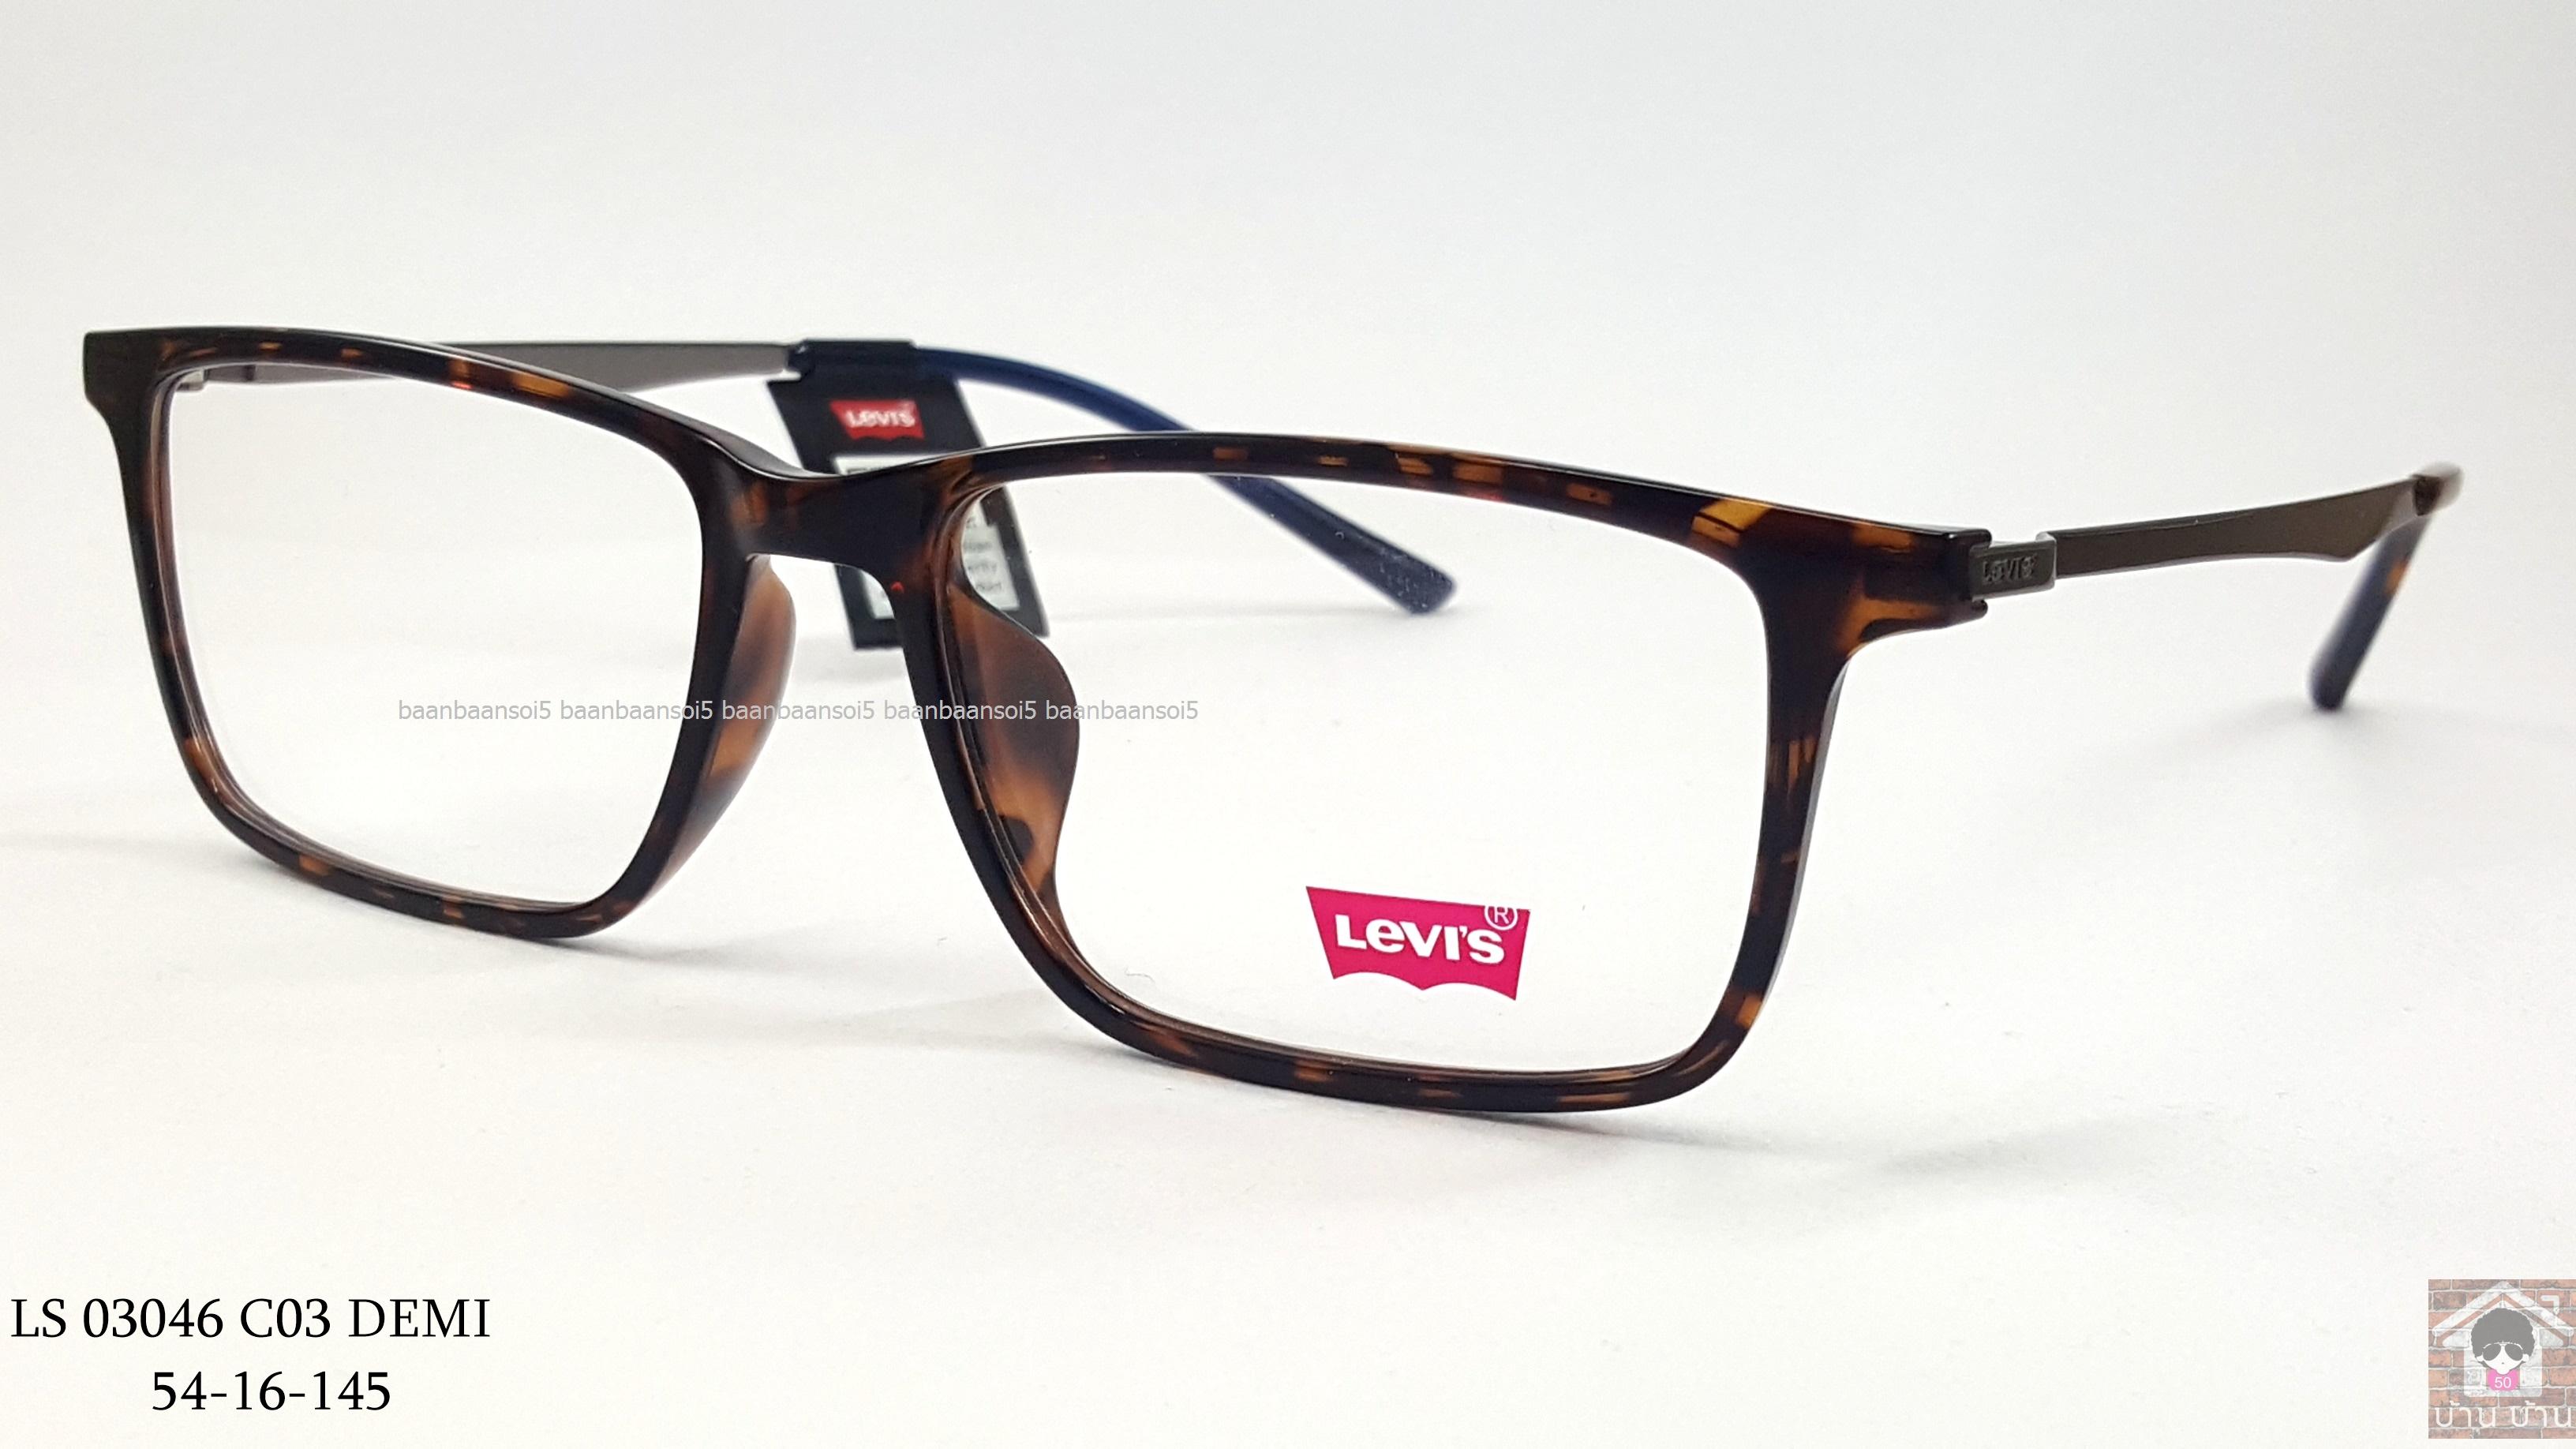 Levi's LS 03046 c03 โปรโมชั่น กรอบแว่นตาพร้อมเลนส์ HOYA ราคา 3,200 บาท